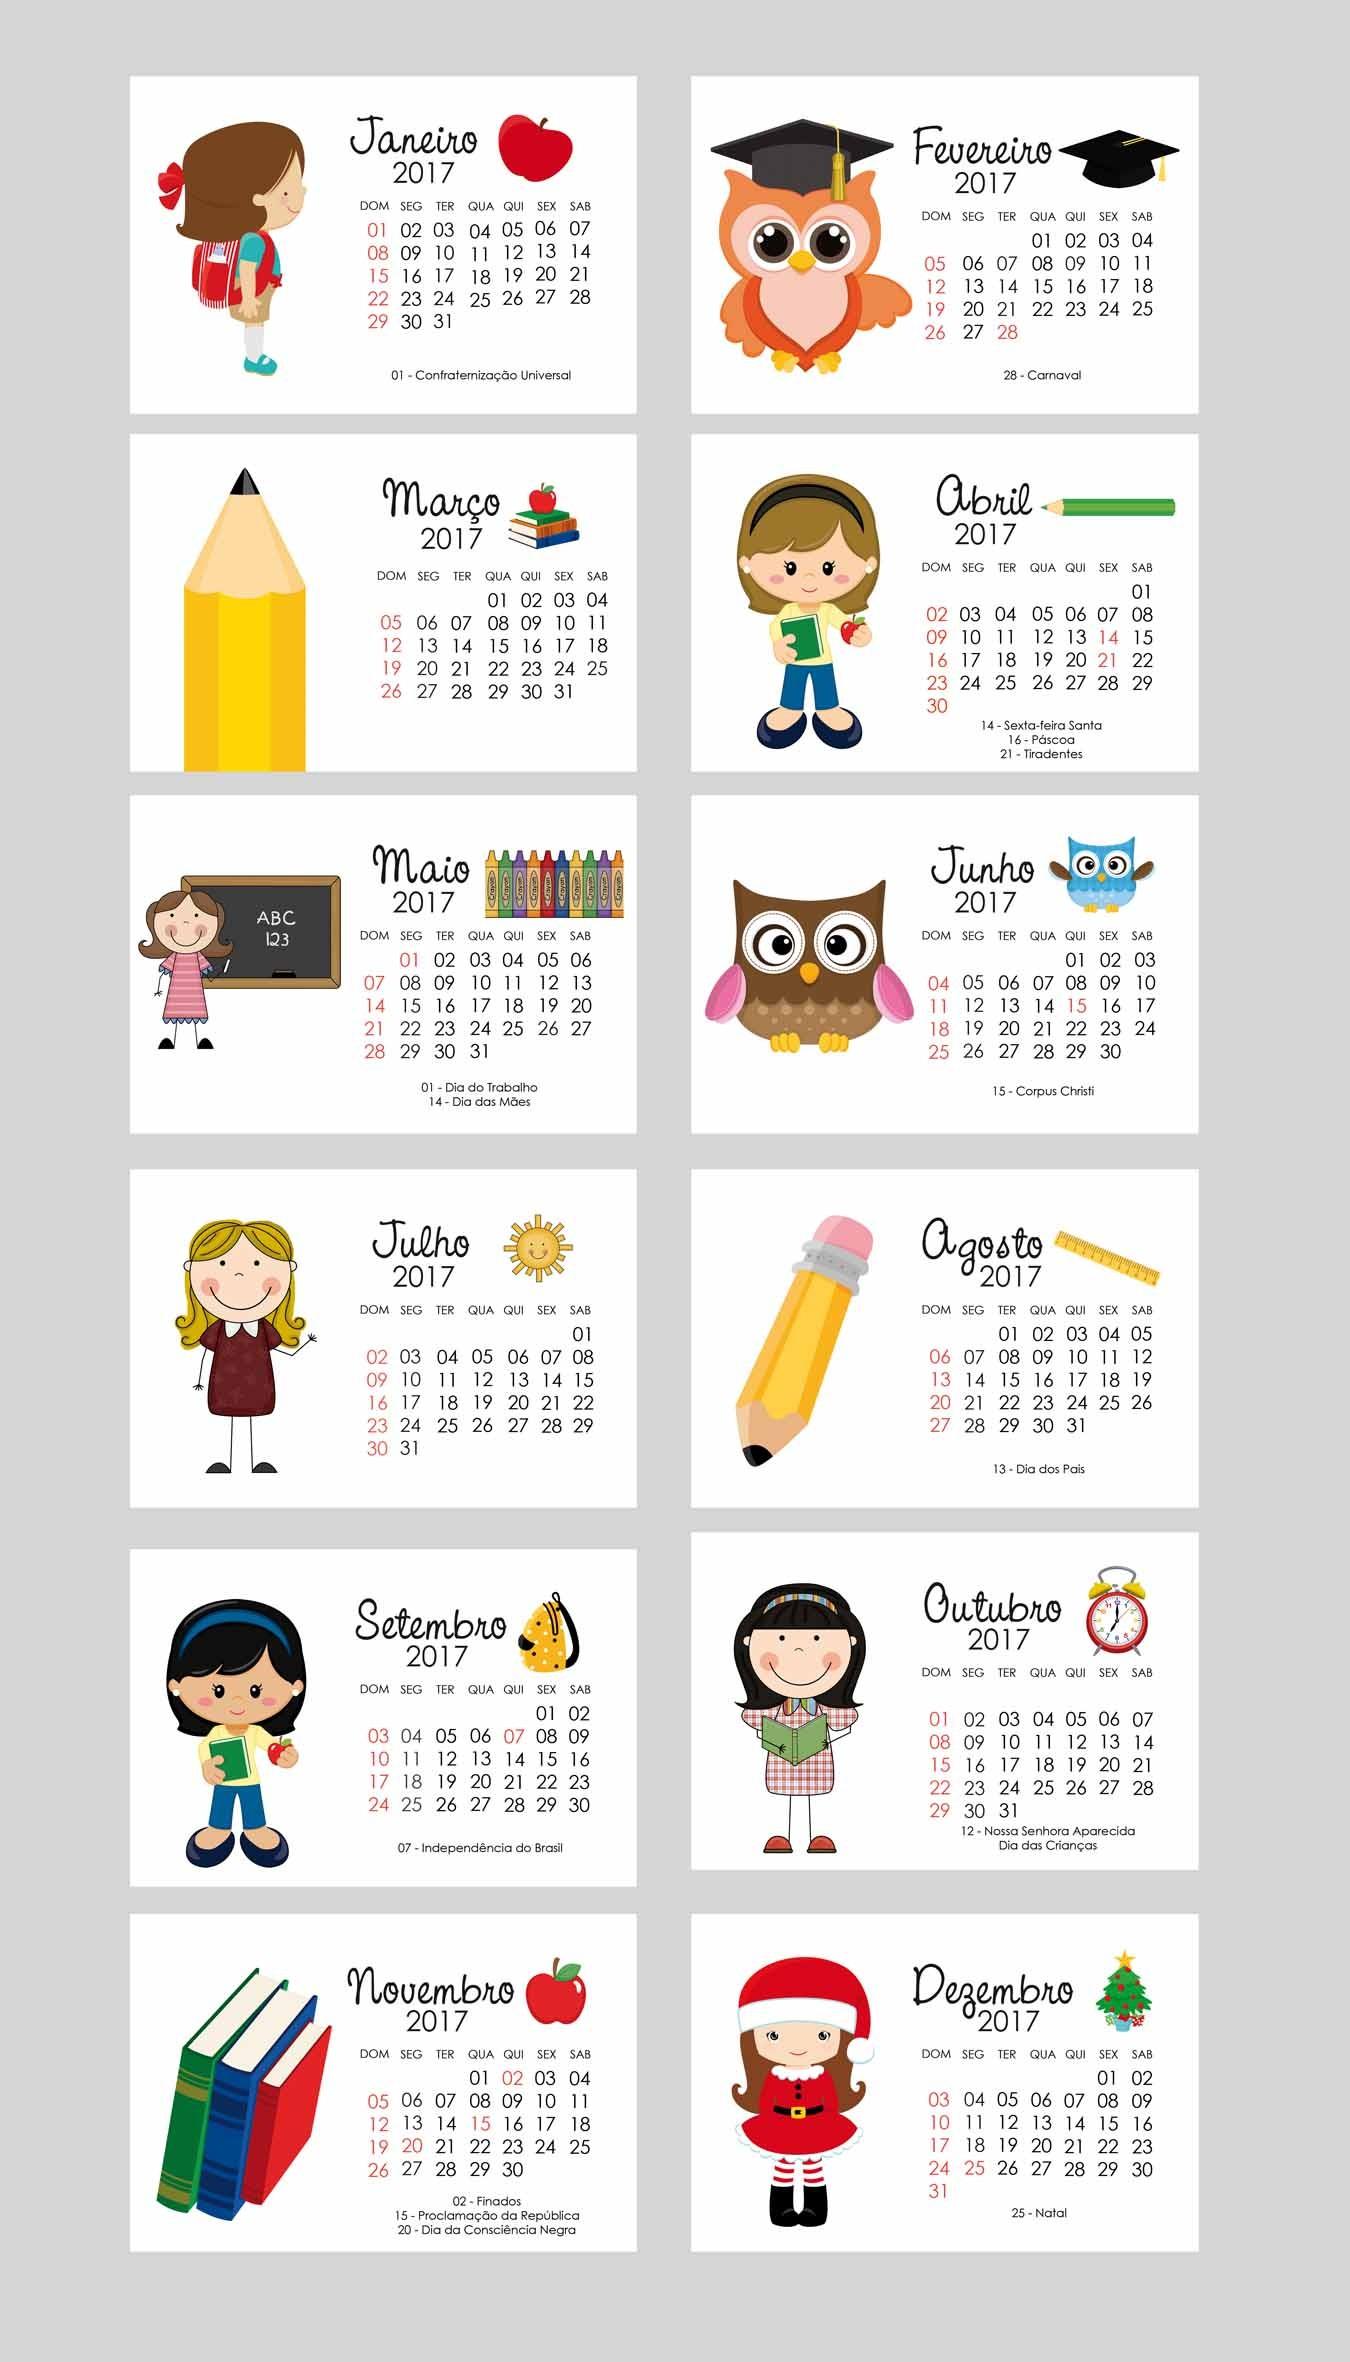 Calendário 2019 Com Feriados Nacionais Más Recientemente Liberado Tag Dia Das Maes 2016 Calendario Of Calendário 2019 Com Feriados Nacionais Más Recientemente Liberado Feeds Rss Search Nasa Pdf Free Download